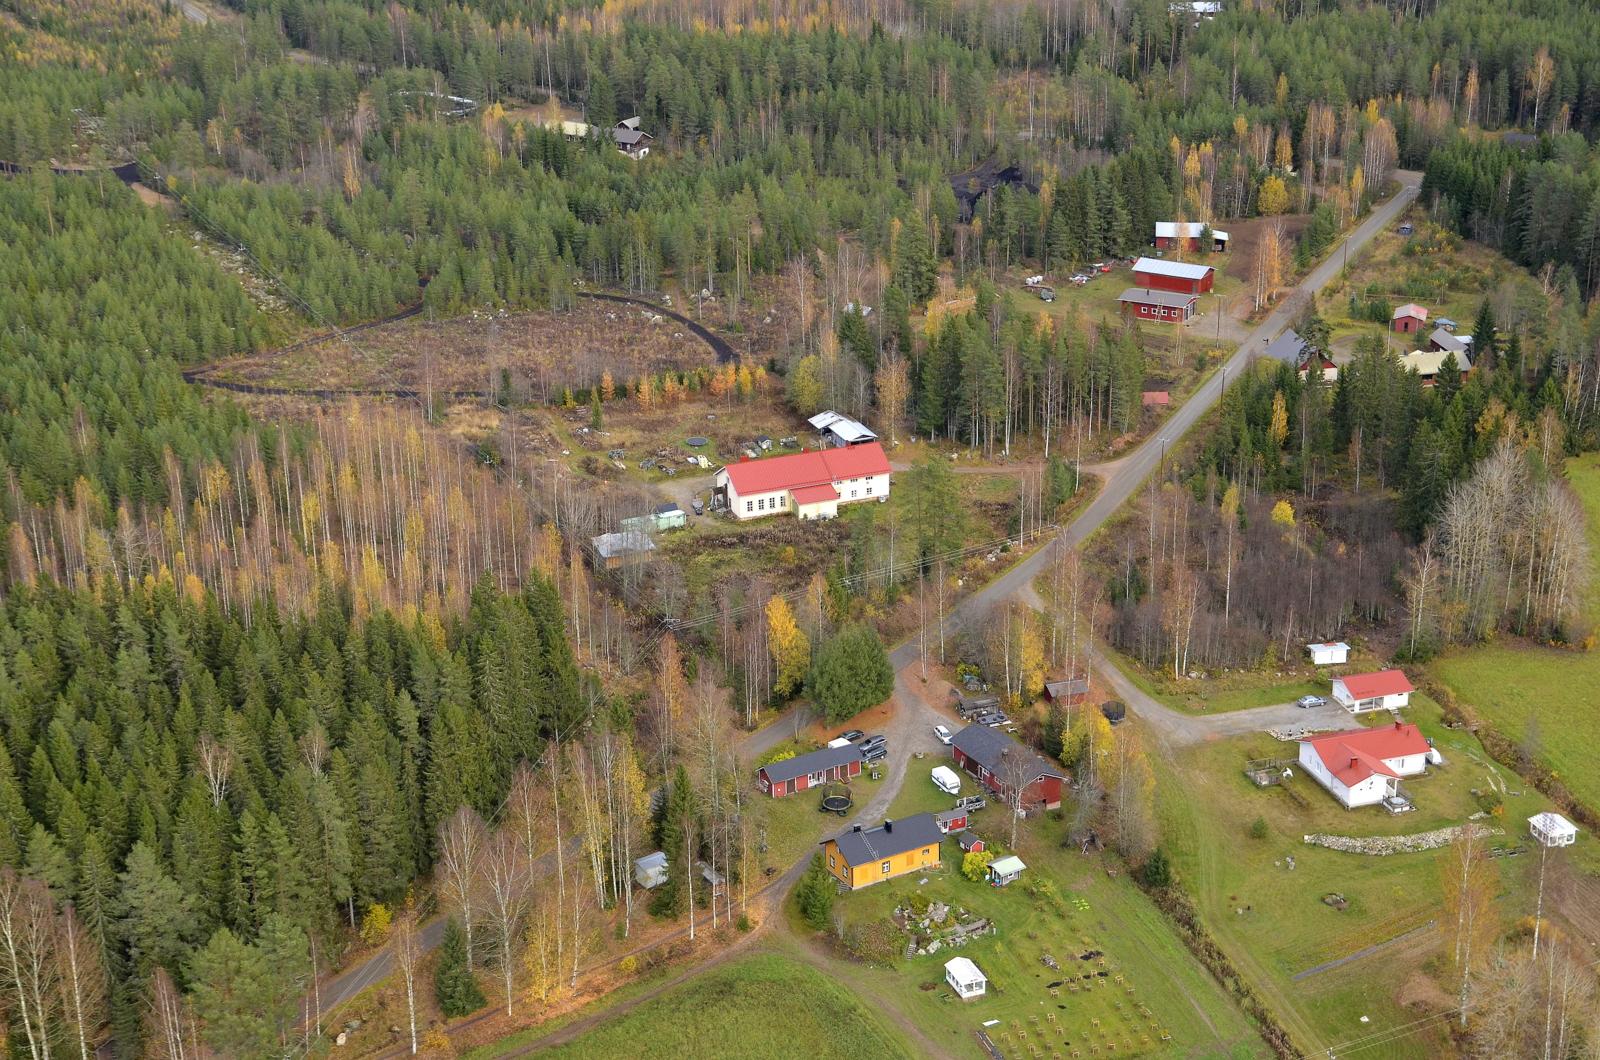 Entinen Saarikkaan koulu, vasemmalla ylhäällä Kylätalo ja pururadat.